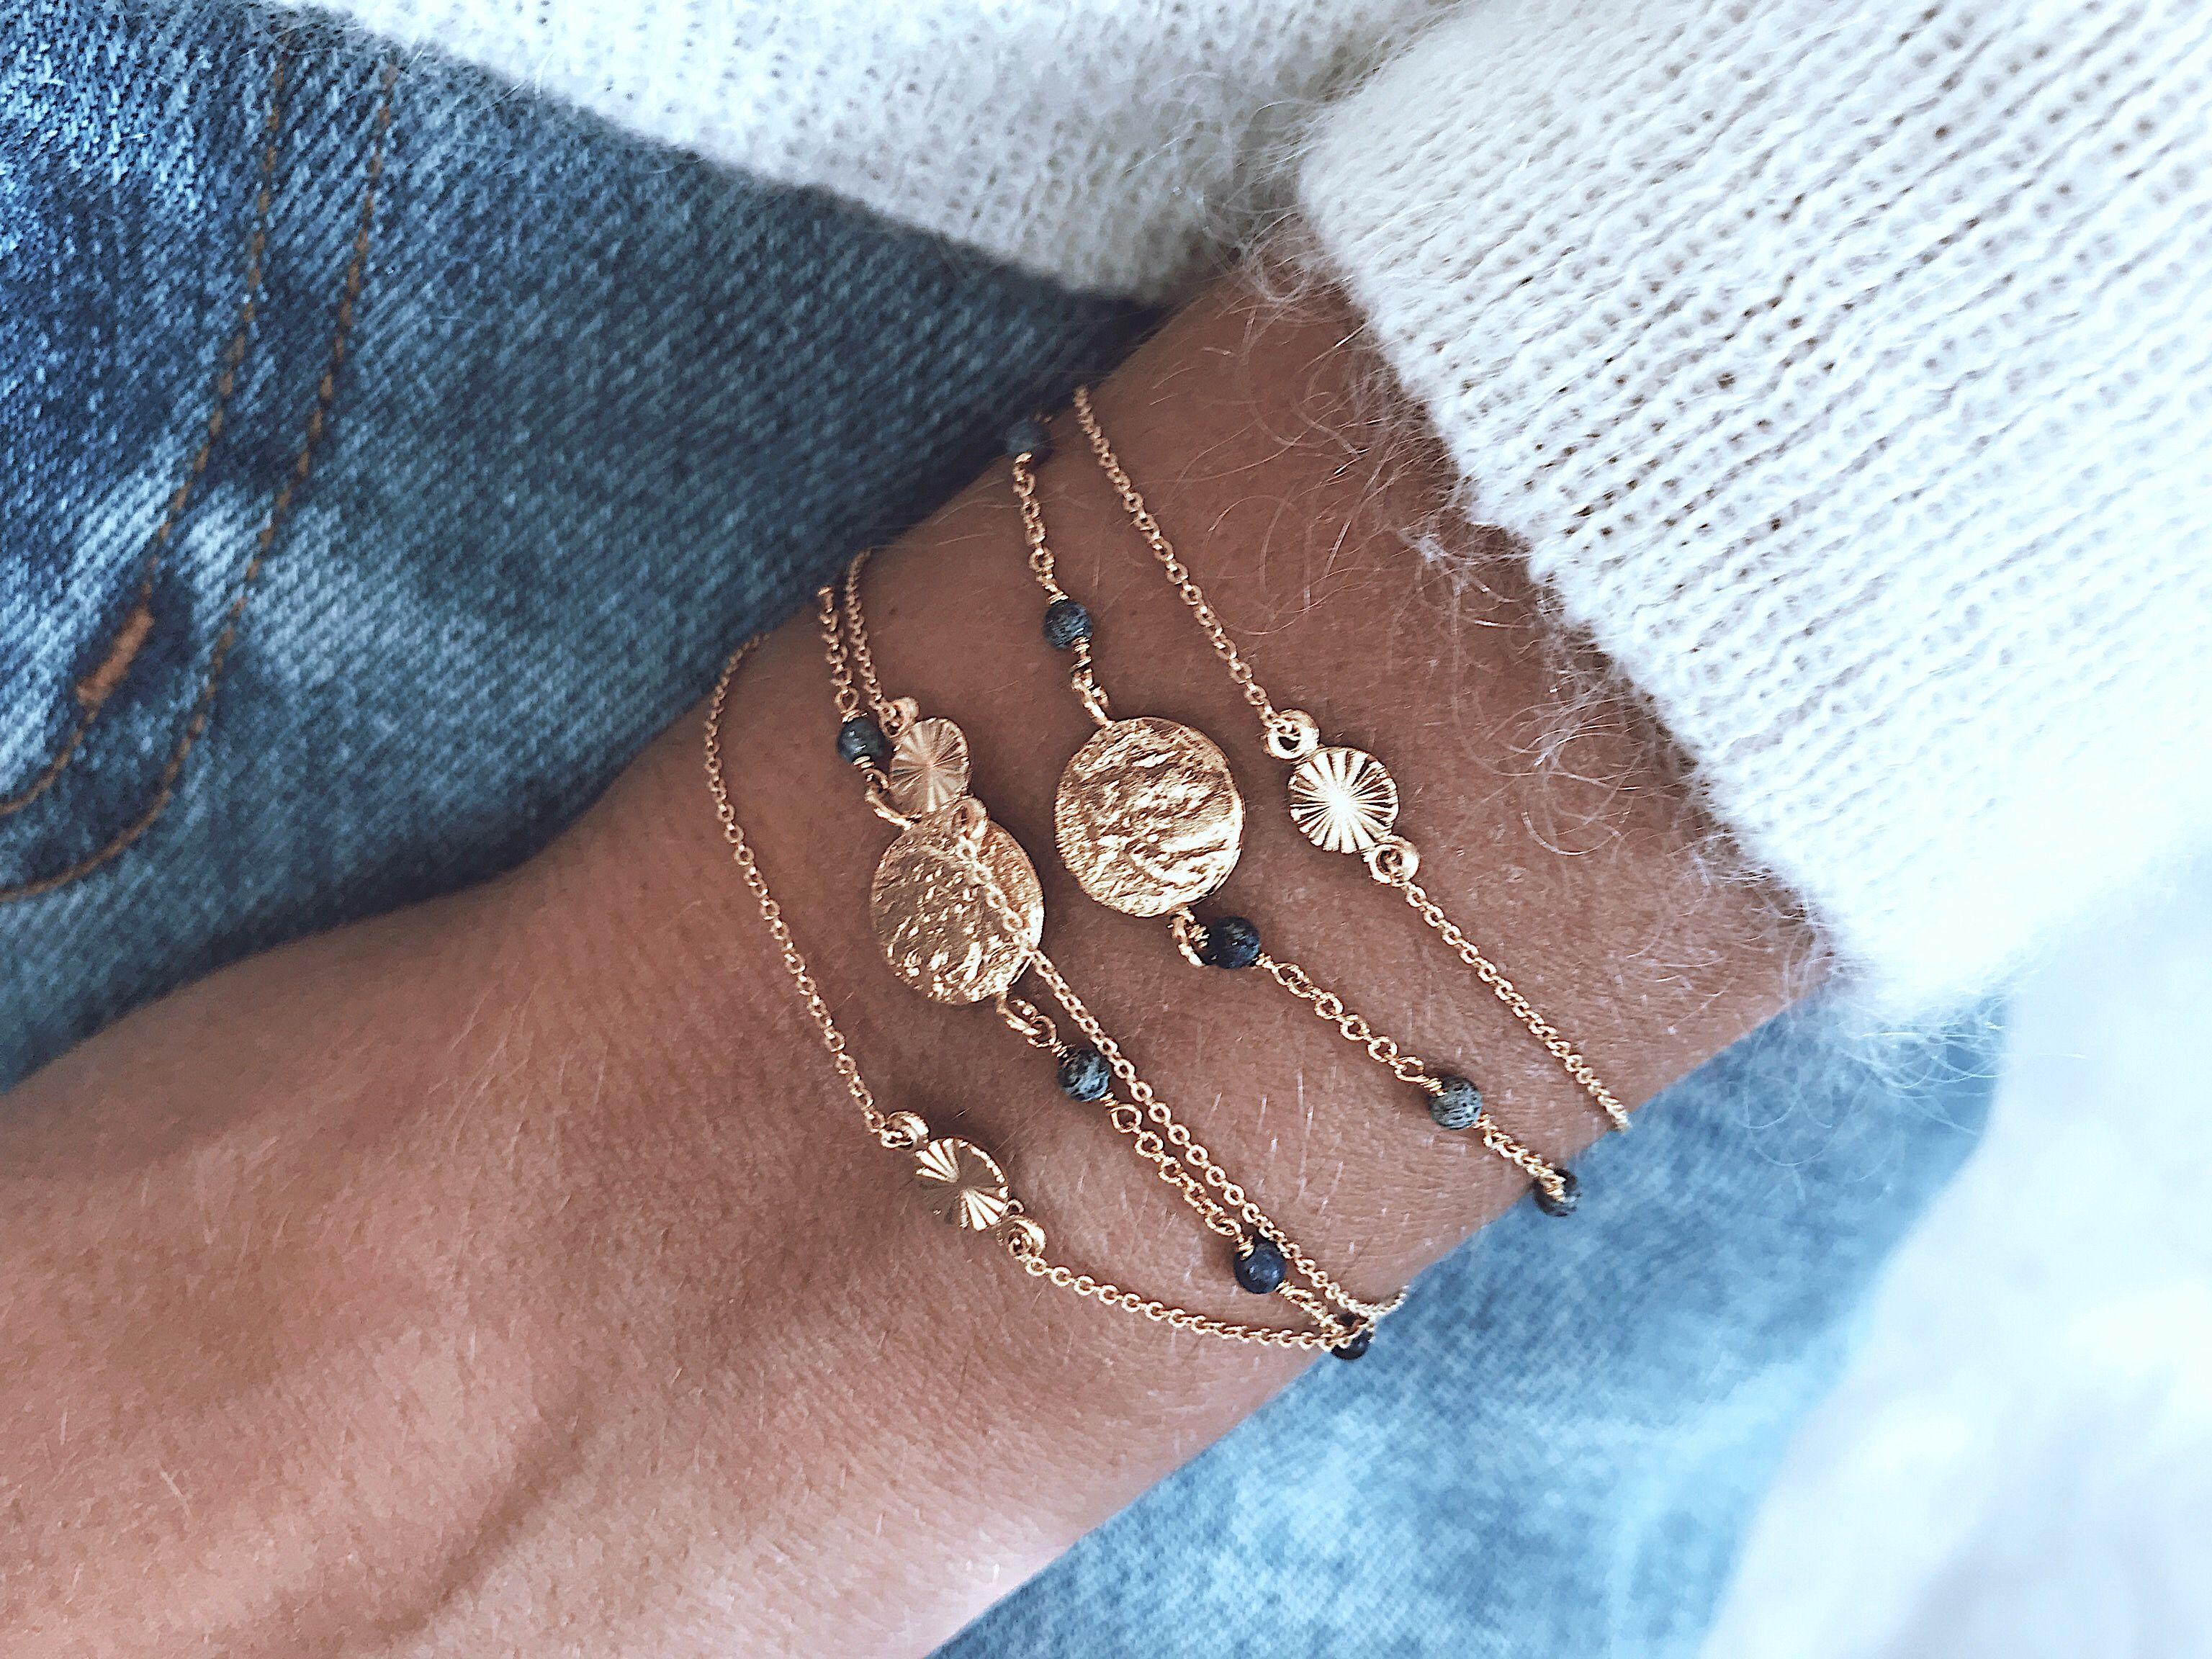 la meilleure attitude 9822c c68e9 Les petits bracelets fins ! | Bijoux en 2019 | Bijoux de ...